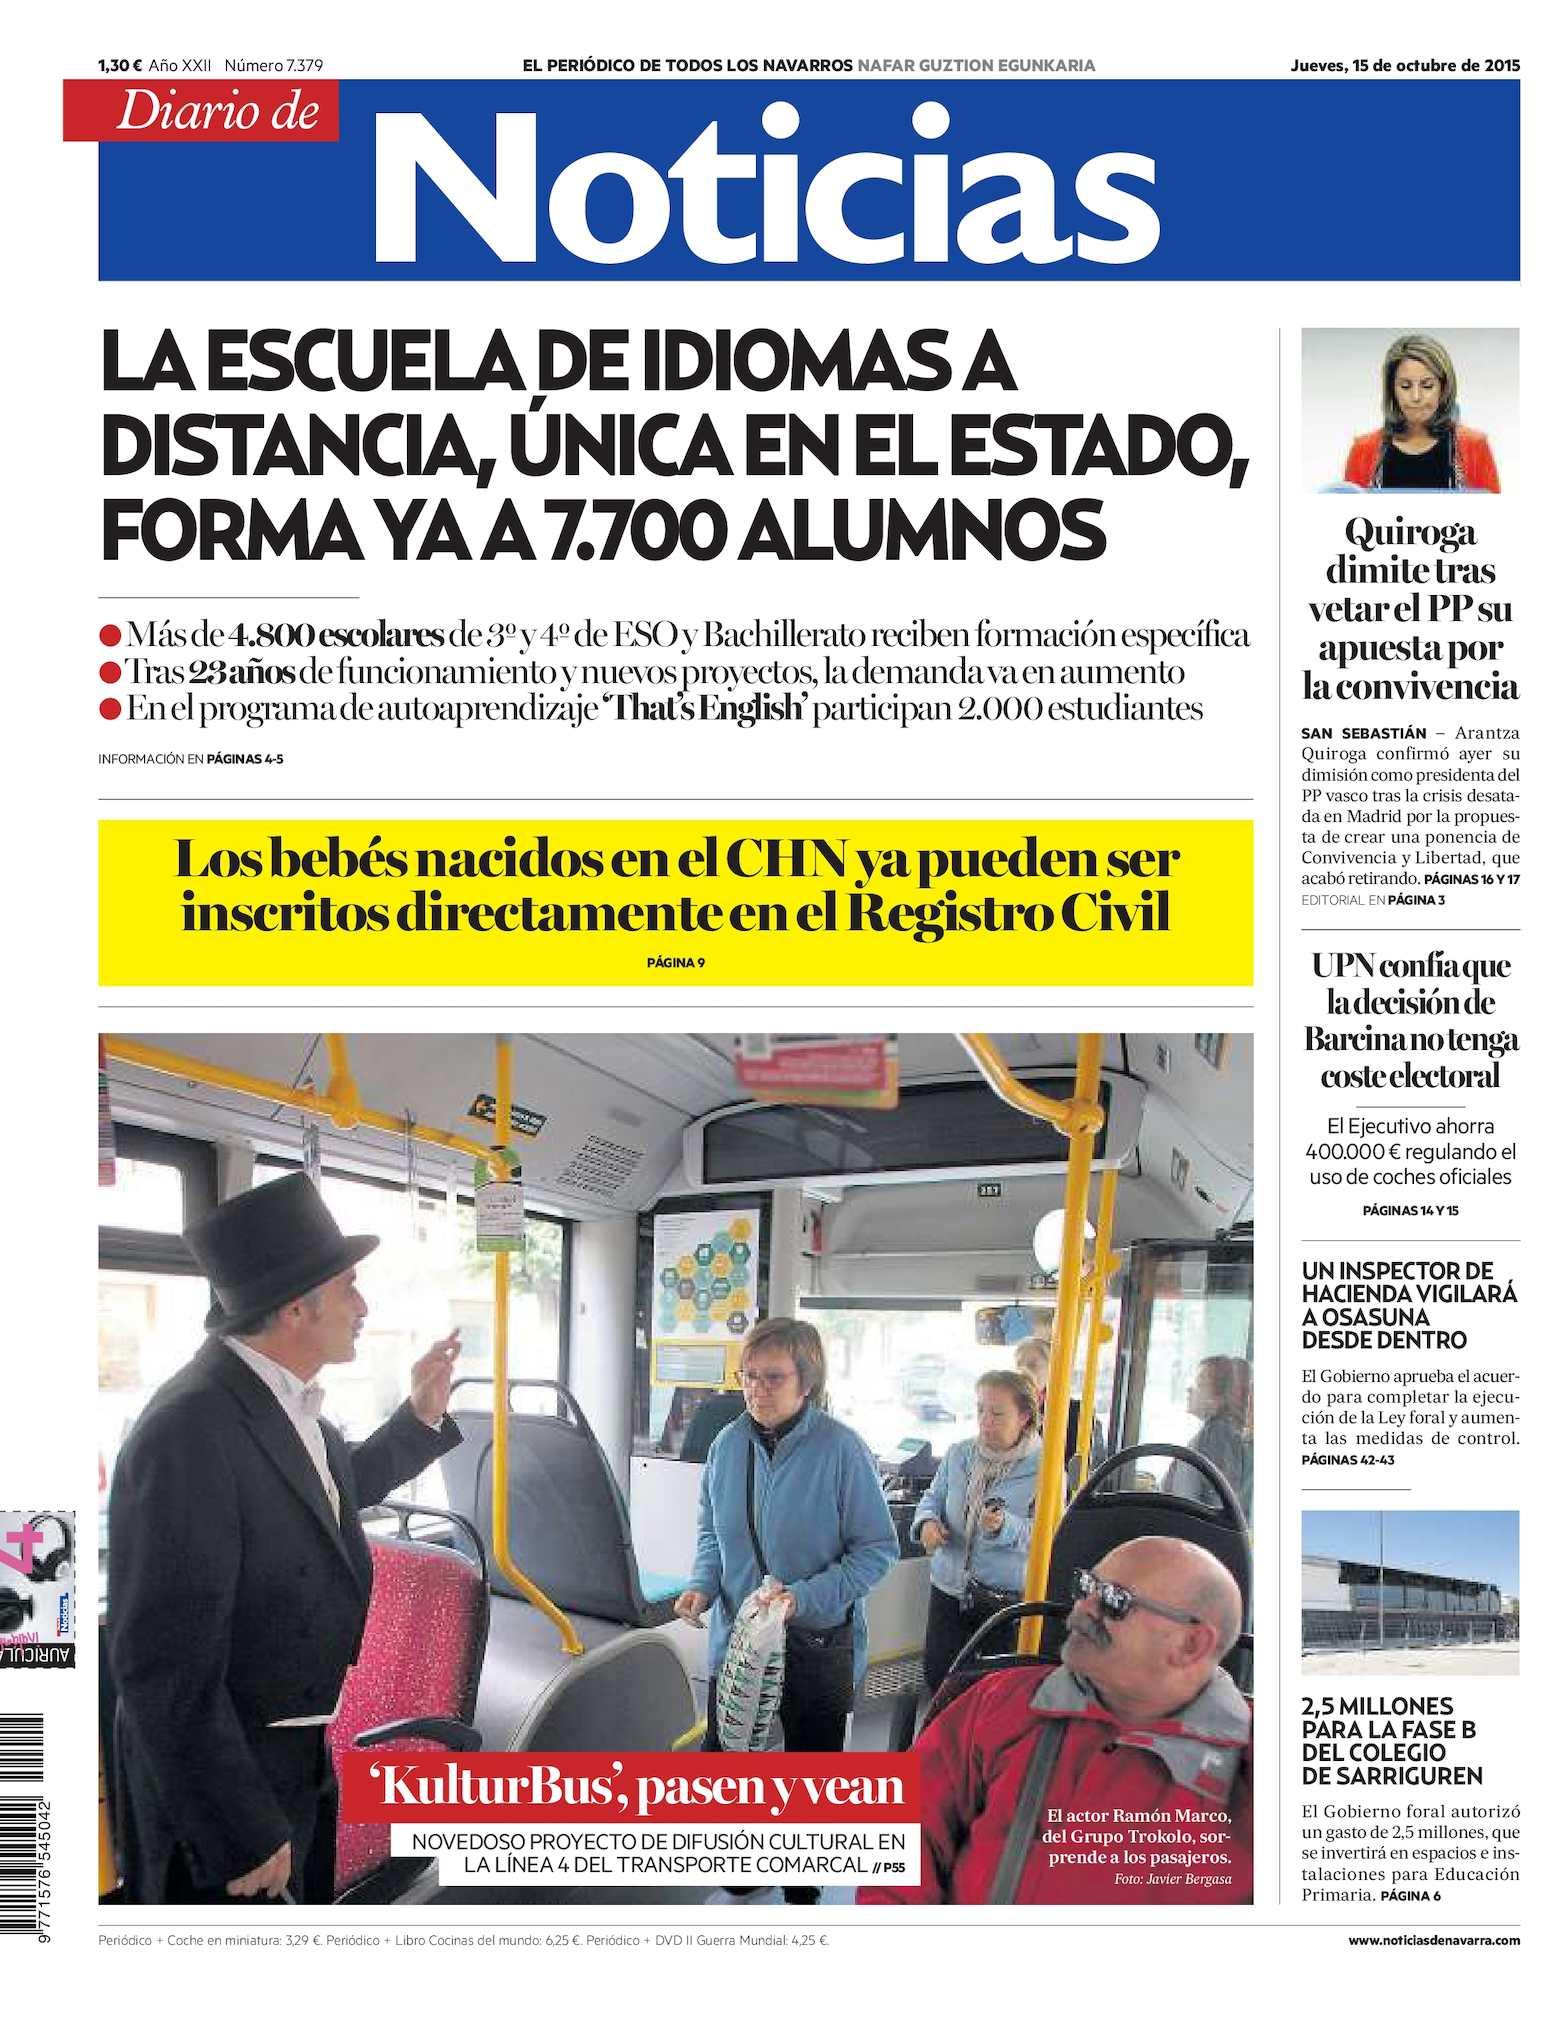 Calaméo - Diario de Noticias 20151015